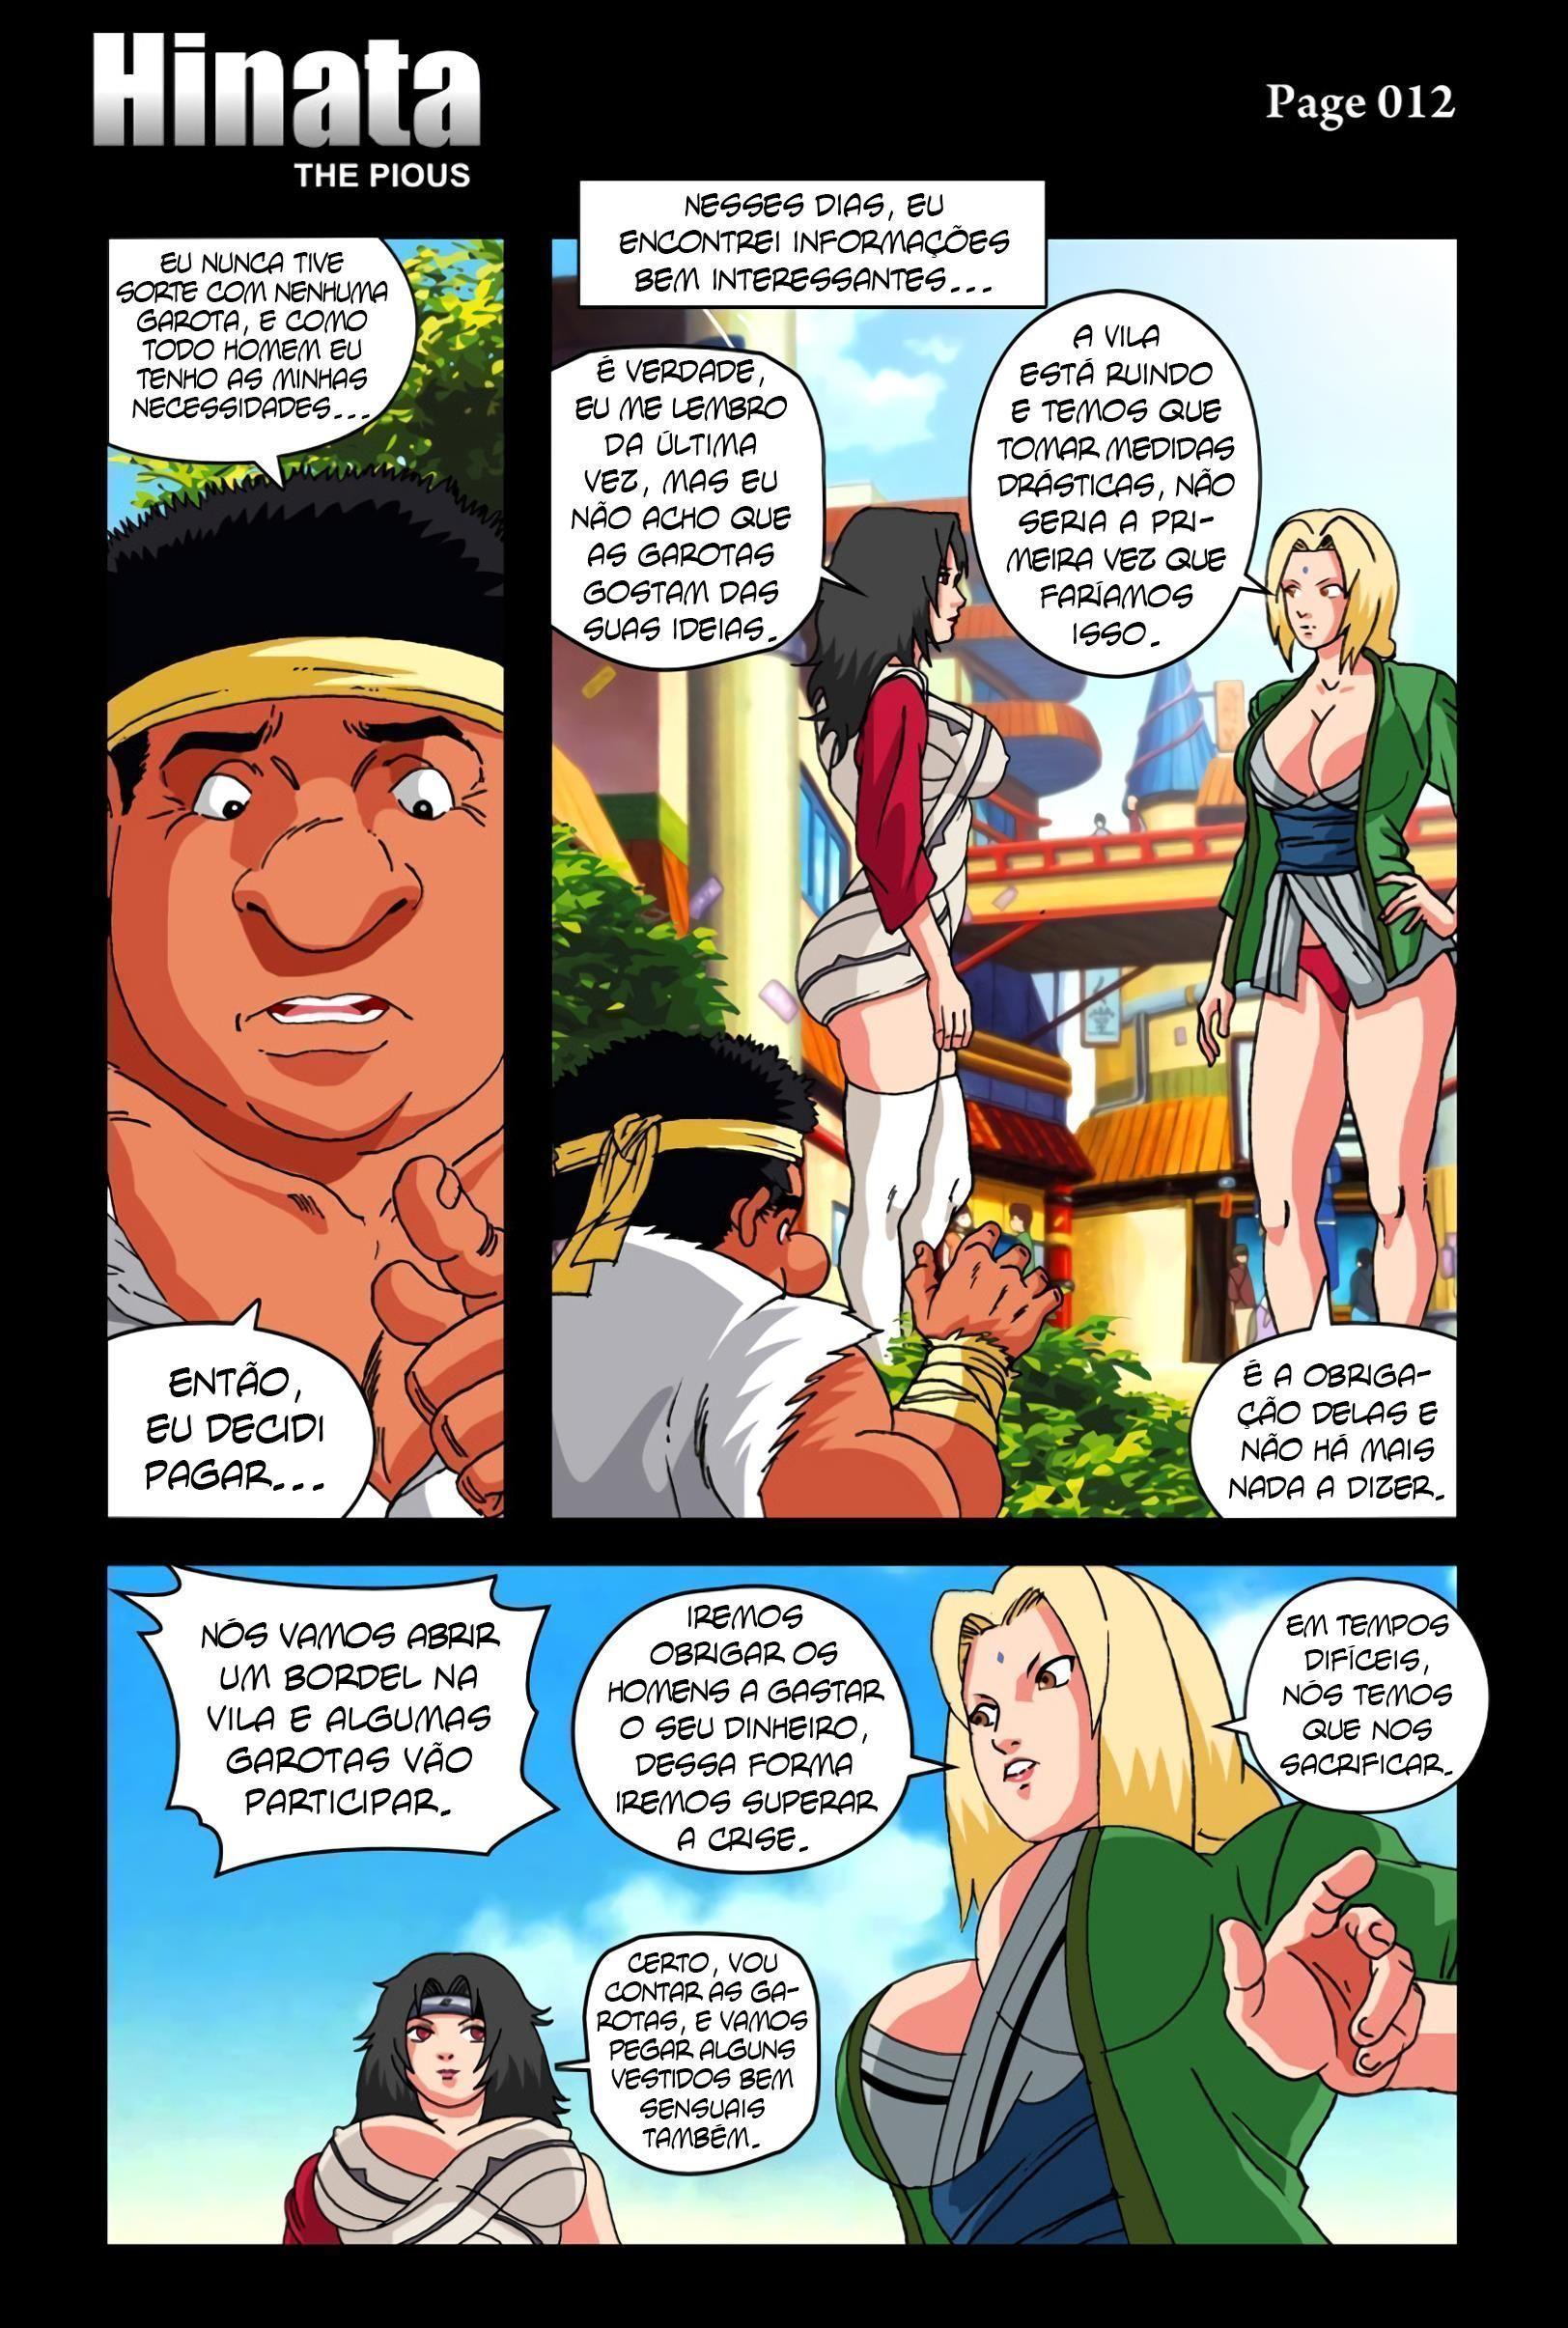 Naruto Pornô: Hinata à piedosa